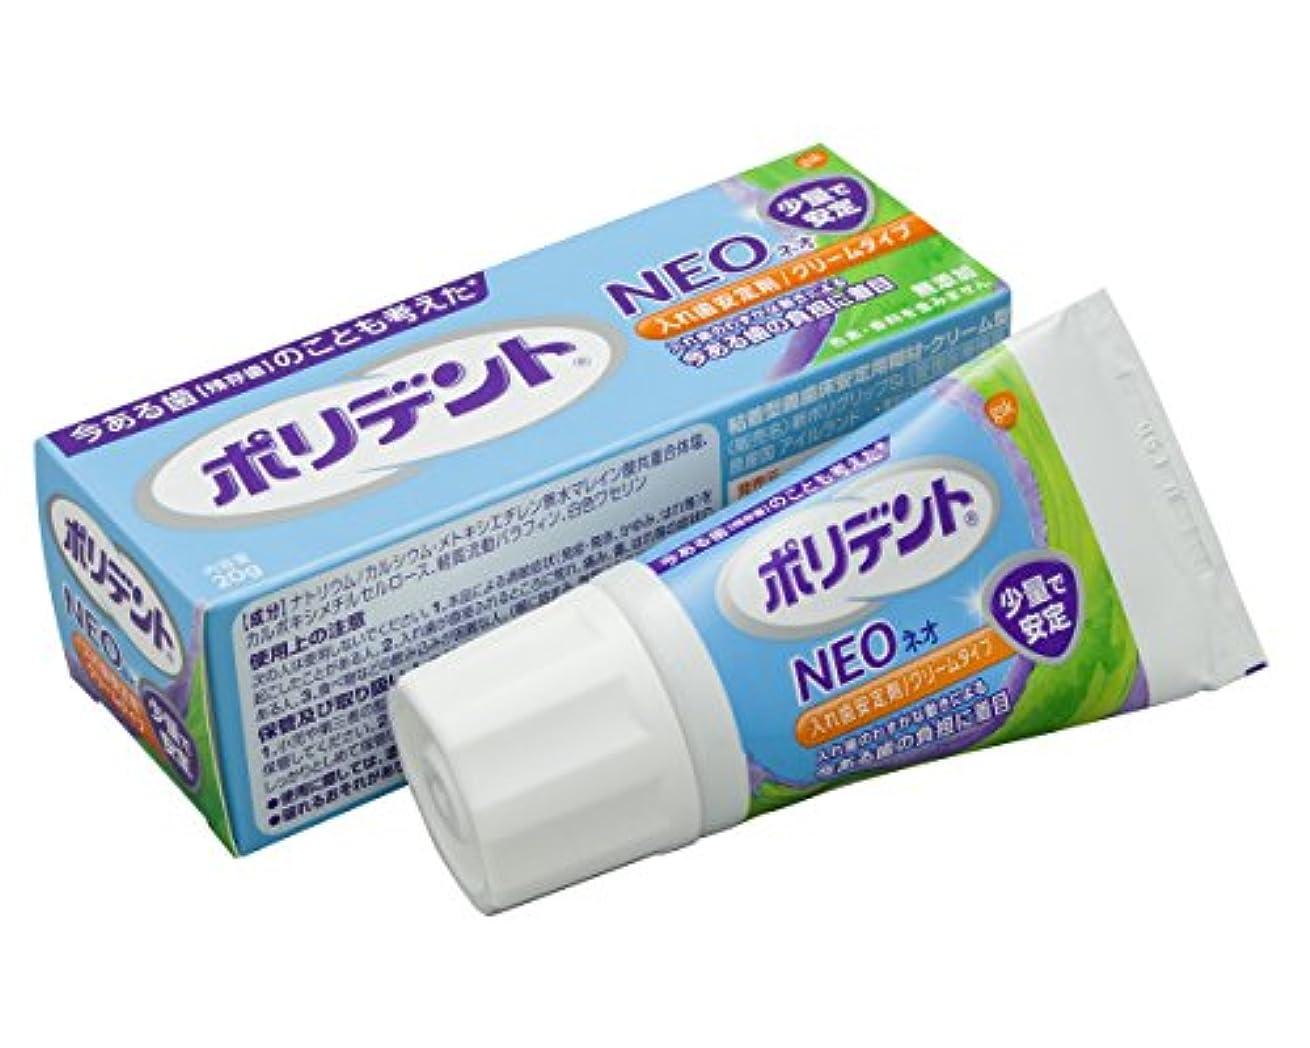 符号病弱はがきポリデントNEO 入れ歯安定剤(今ある歯(残存歯)のことも考えた) 20g